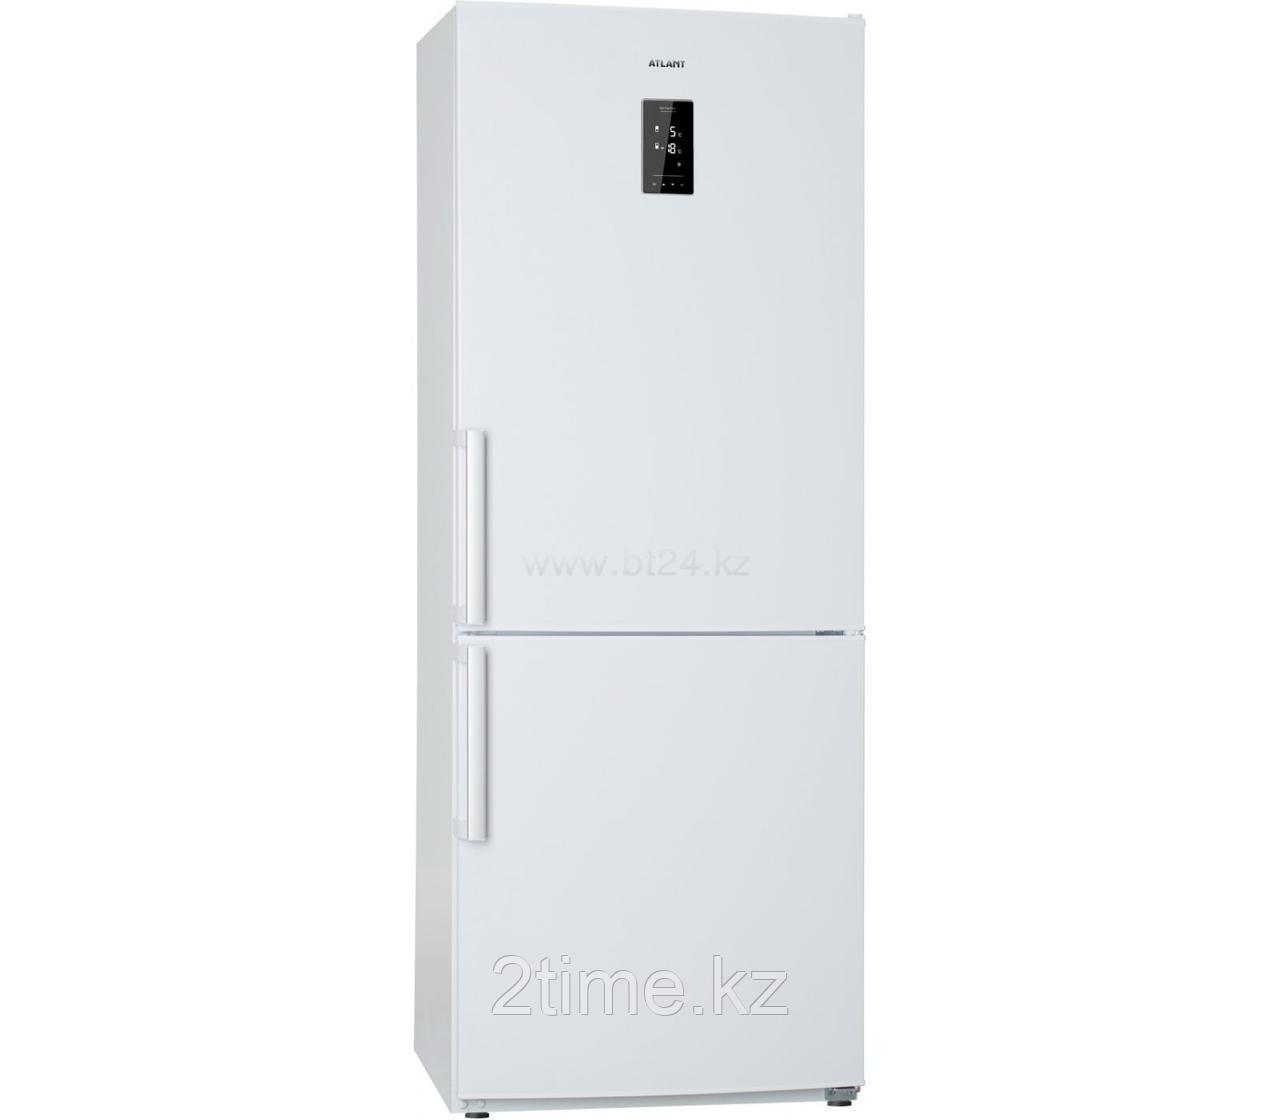 Холодильник NO FROST двухкамерный / Нижняя МК ATLANT ХМ-4521-000-ND